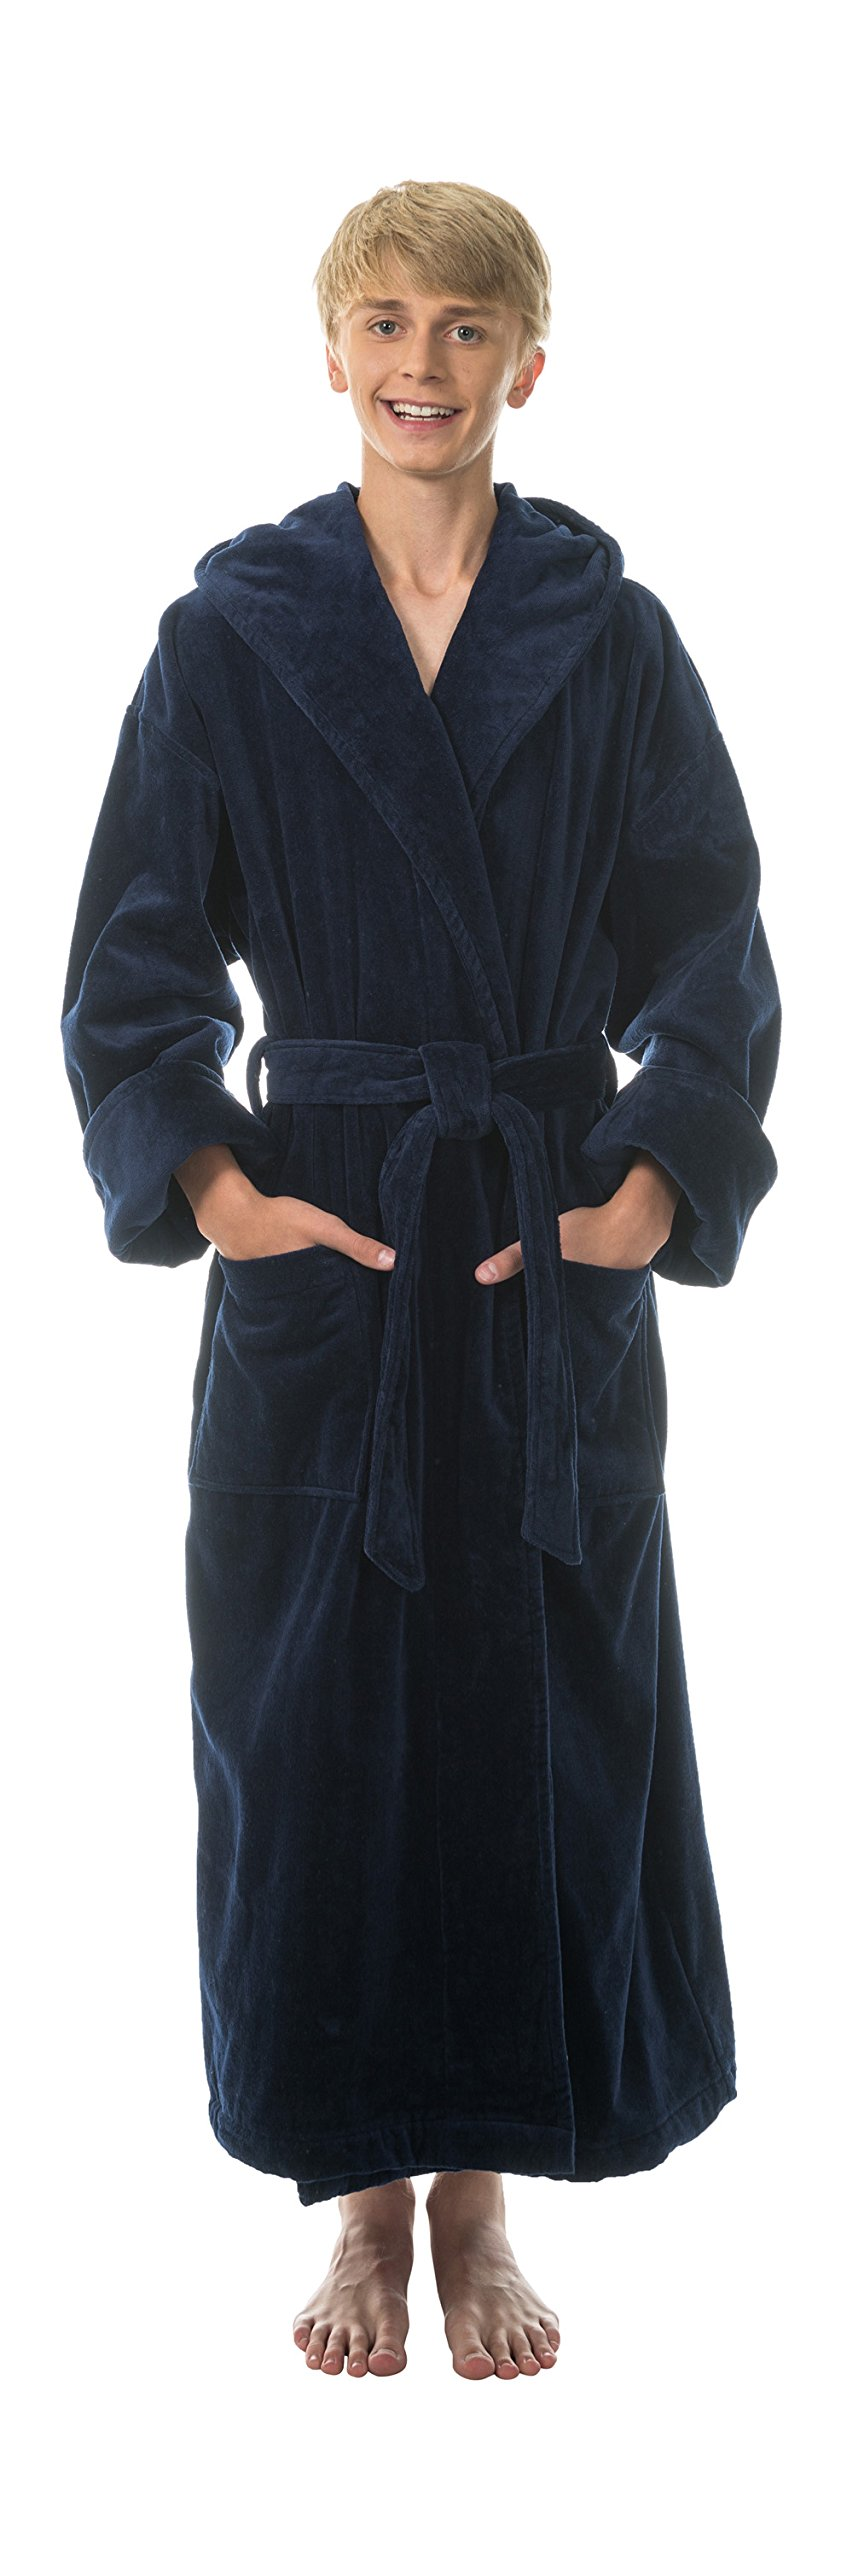 Comfy Robes Men's Terry Velour Hooded Bathrobe, L/XL Navy